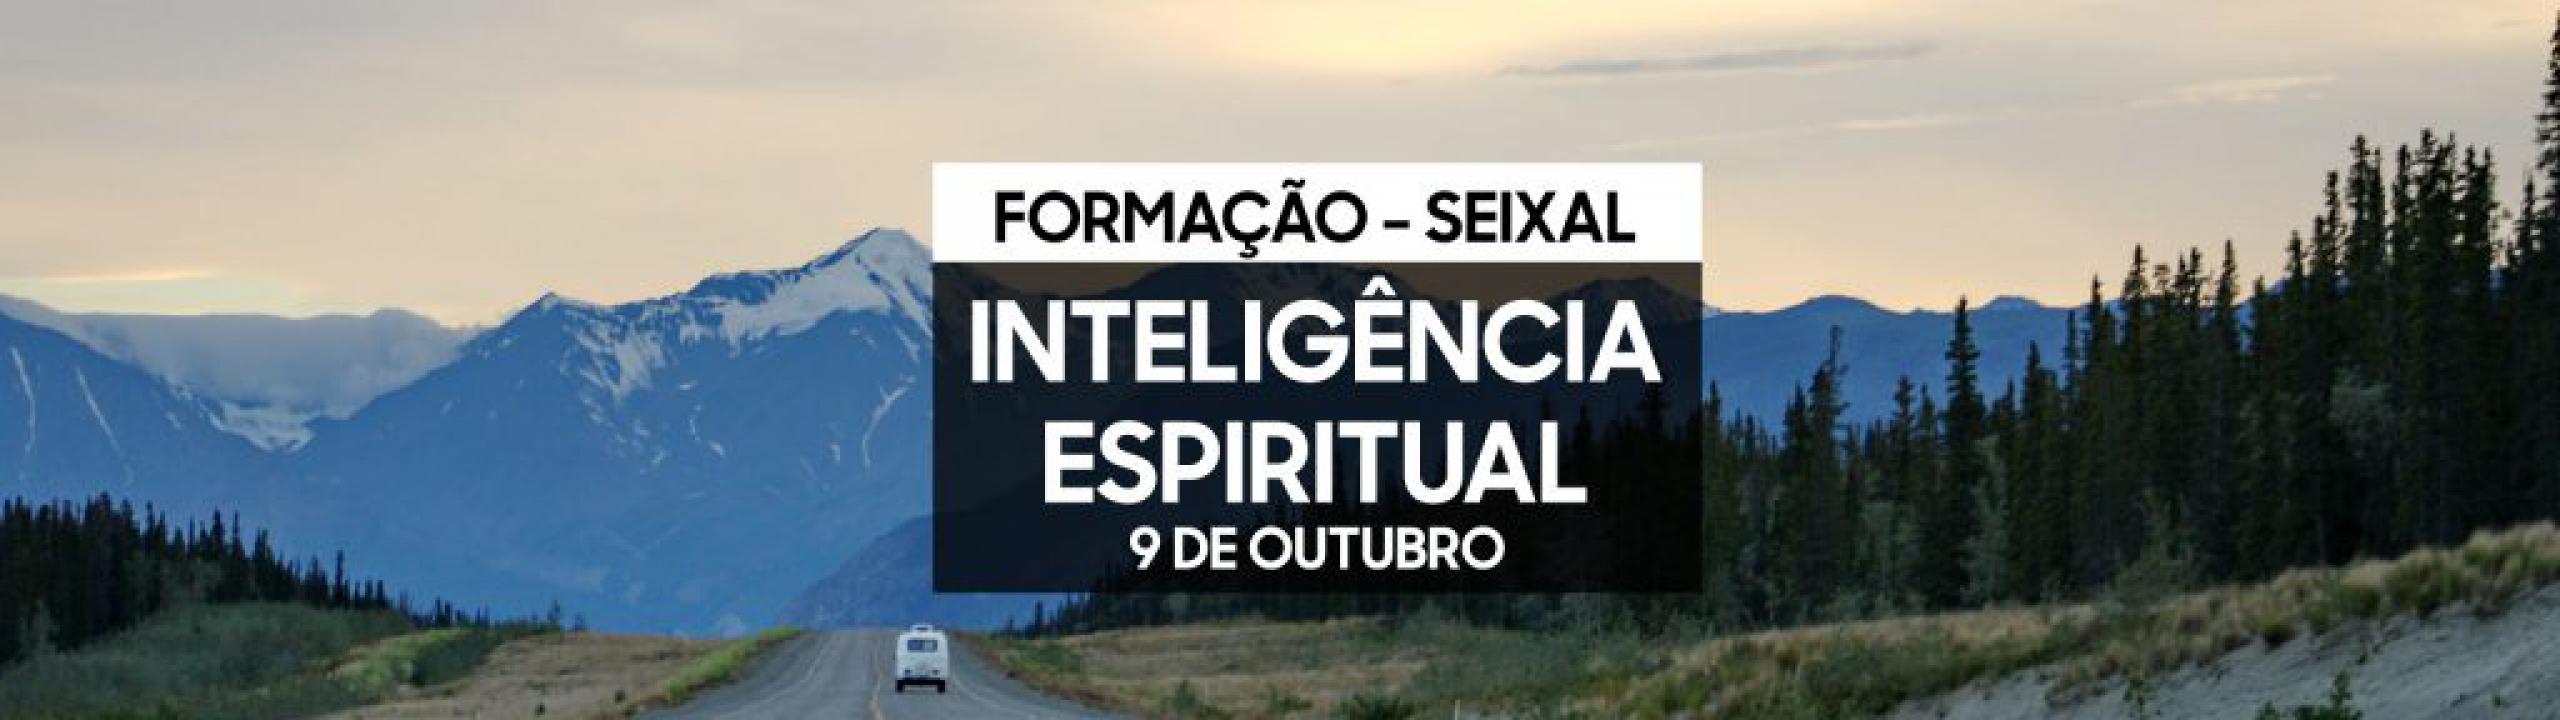 Formação Inteligência Espiritual - 9 de Outubro - Seixal